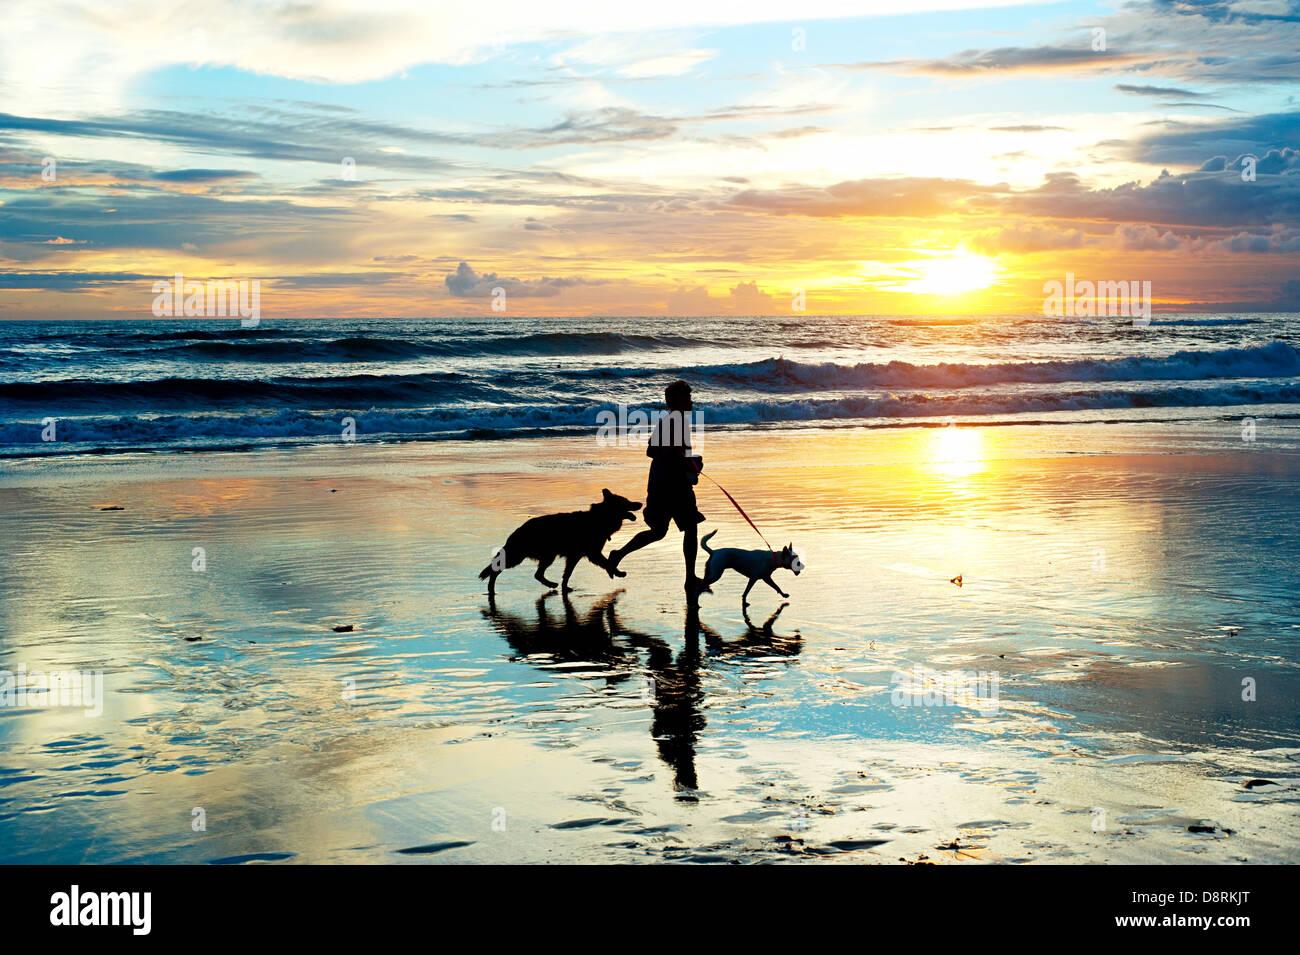 Homem com um cães na praia ao pôr-do-sol. Ilha de Bali, Indonésia Imagens de Stock